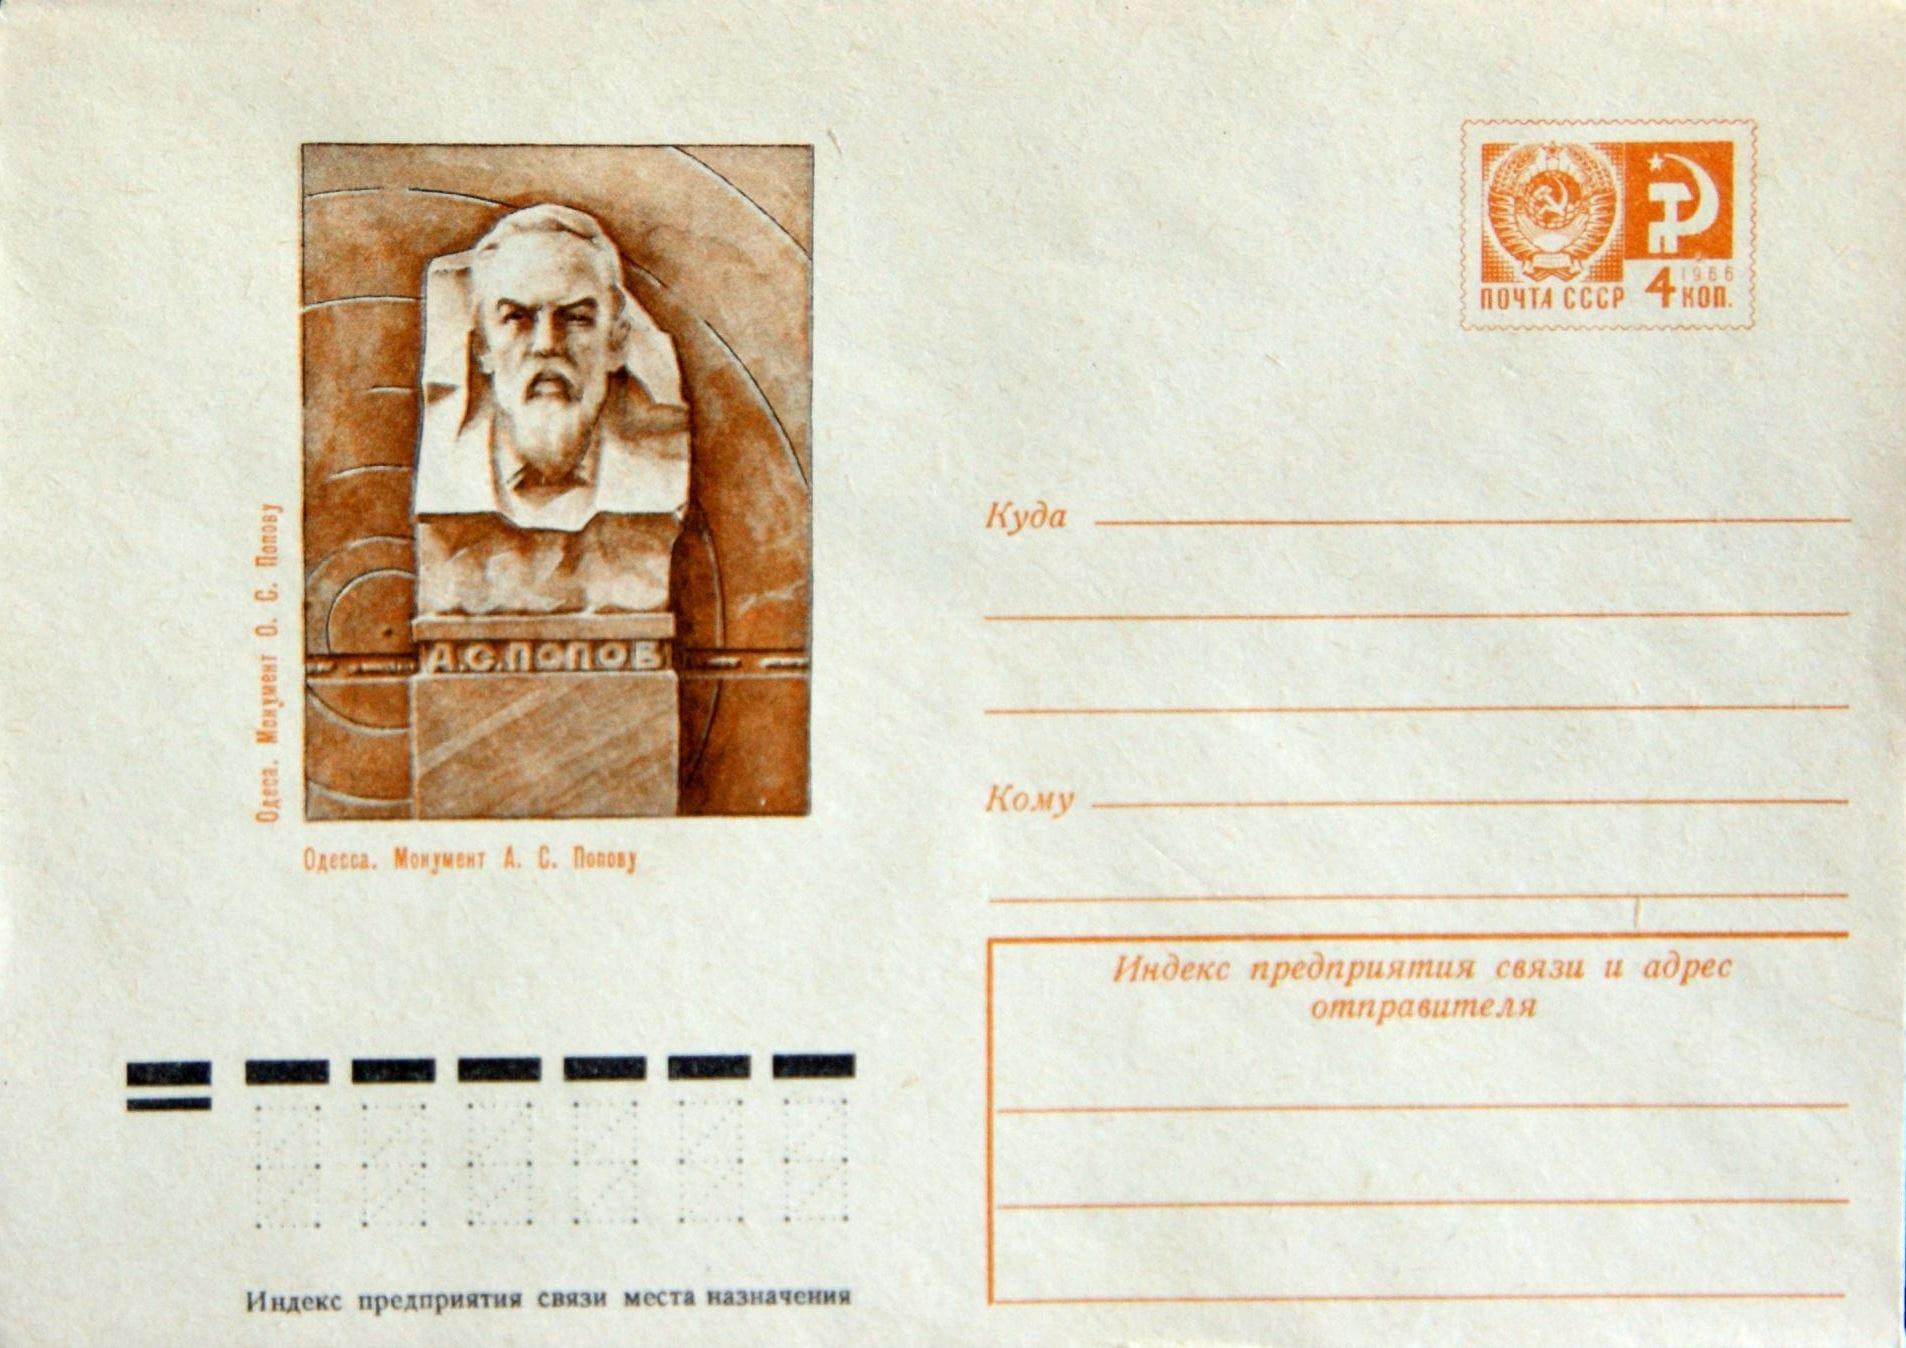 Почтовый конверт «Одесса. Монумент А.С. Попову», 1966 г